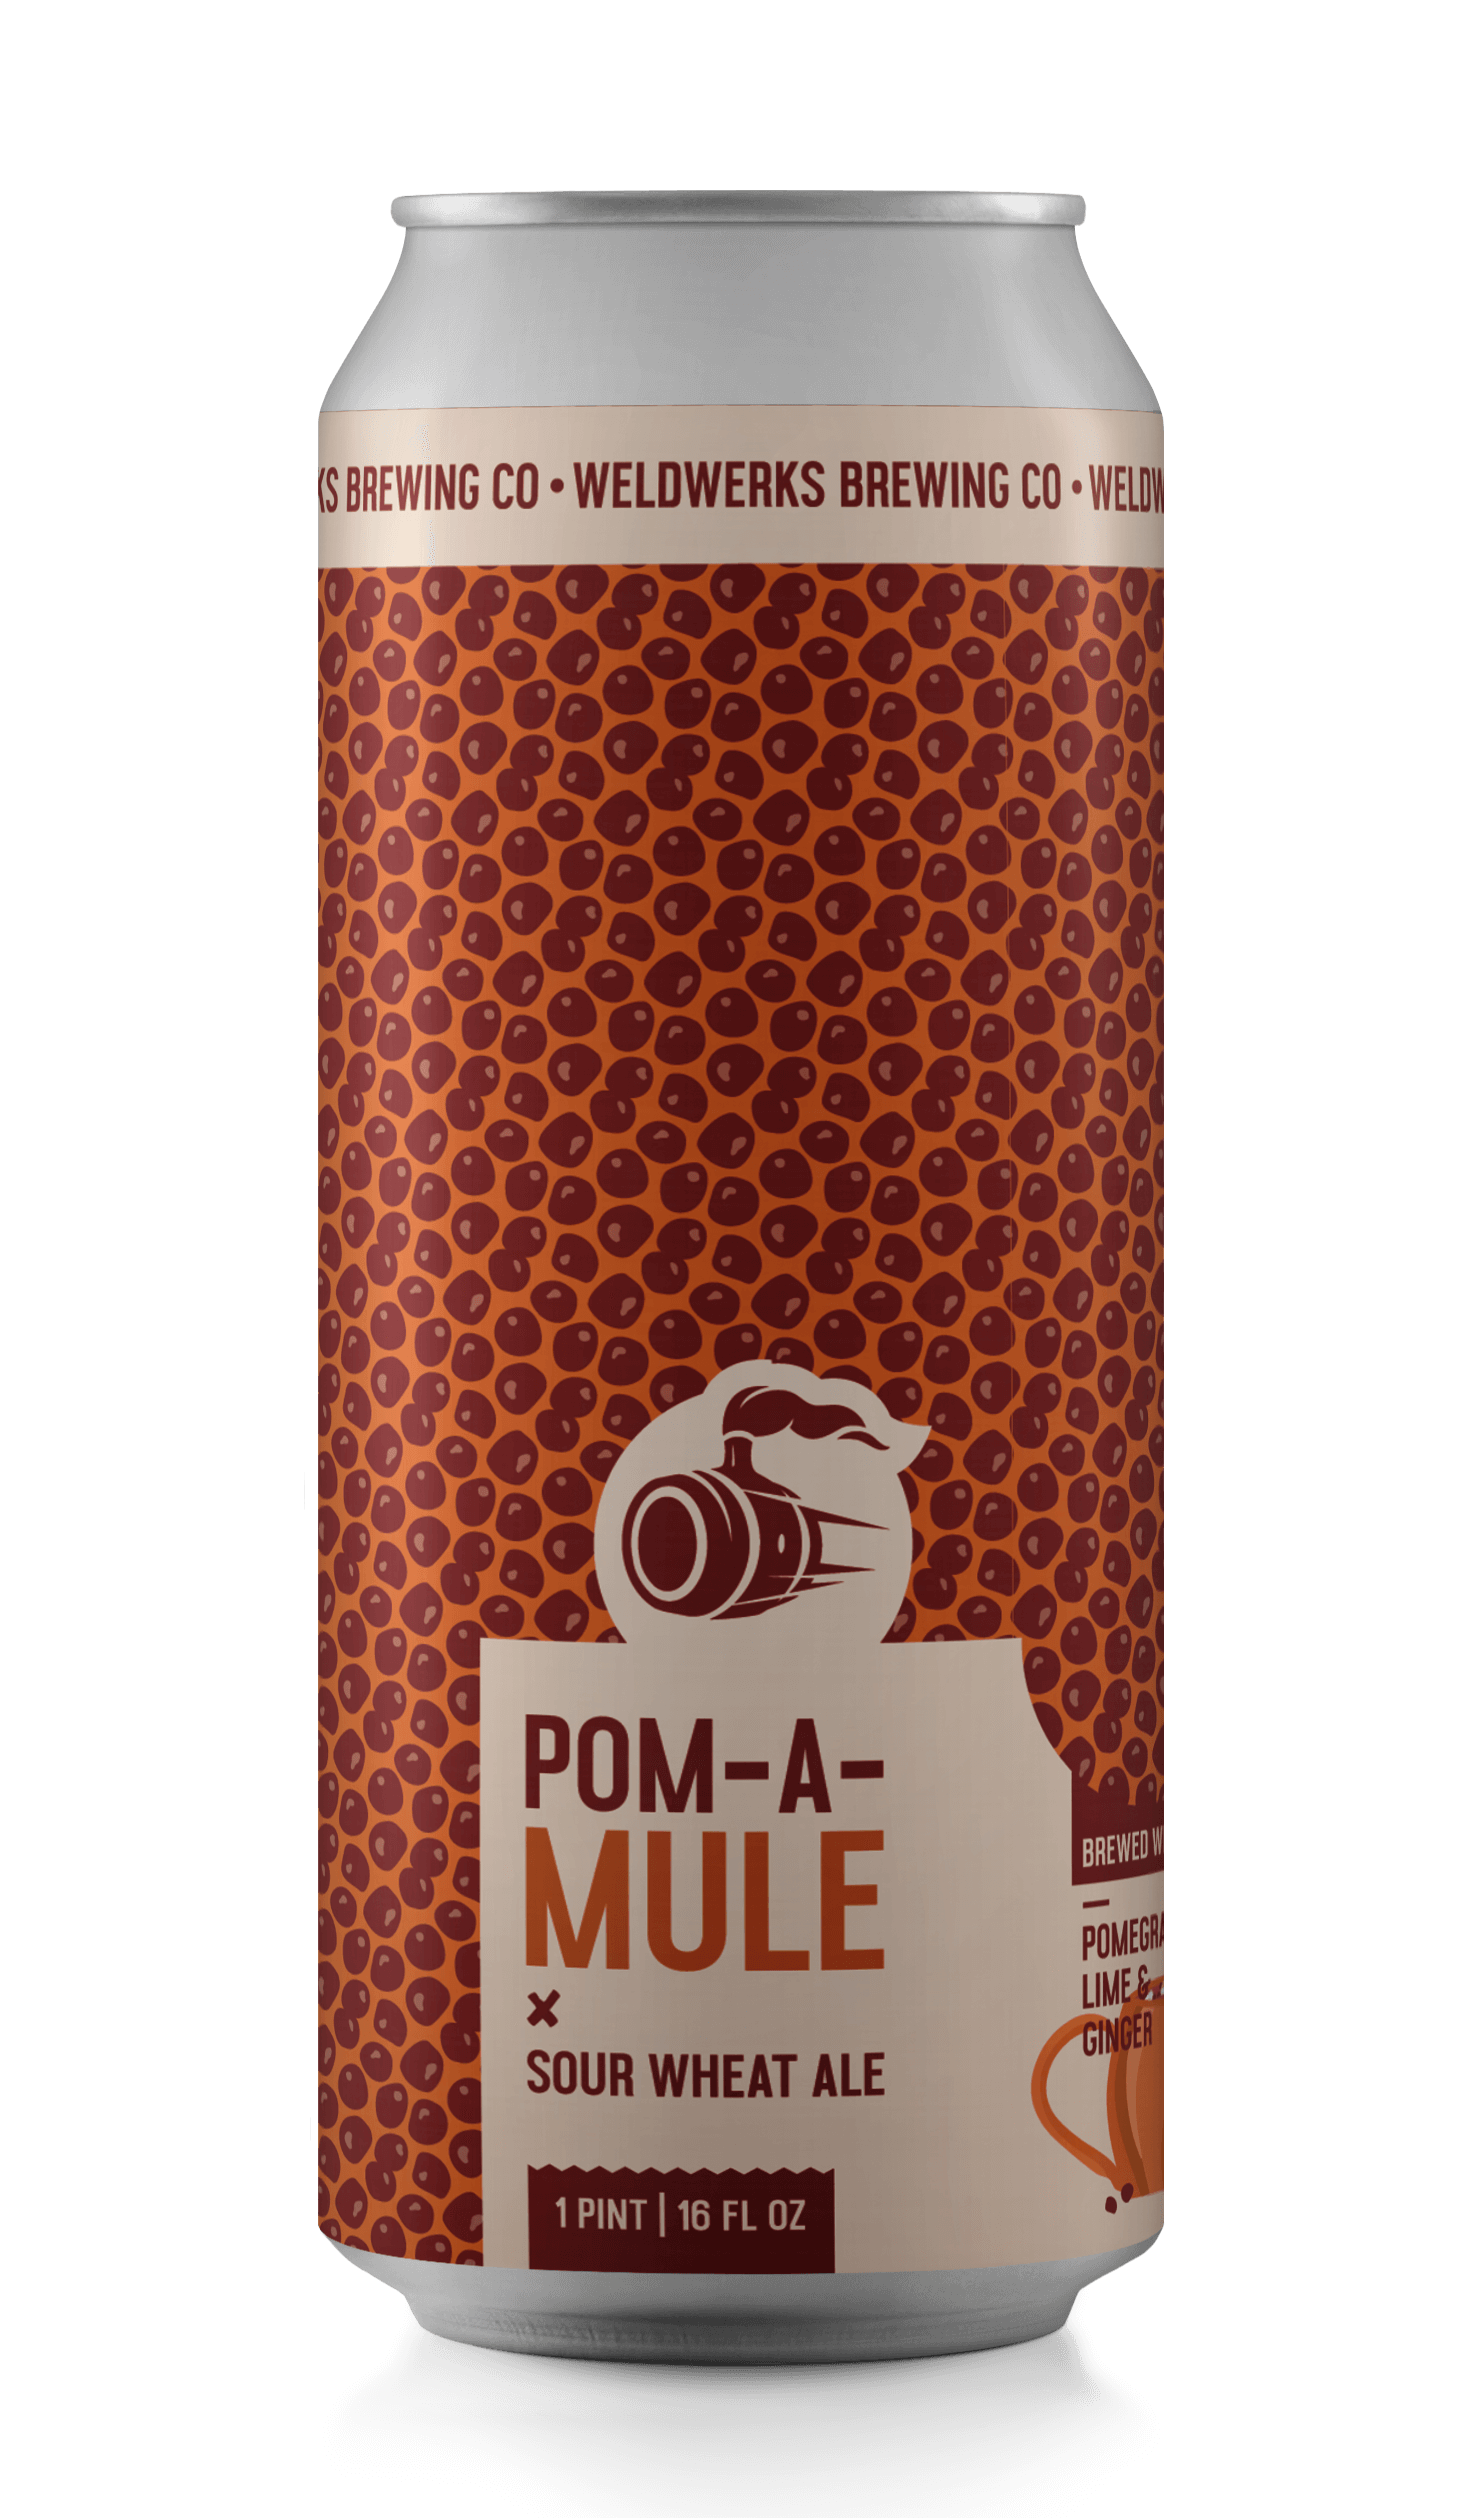 Pom-A-Mule